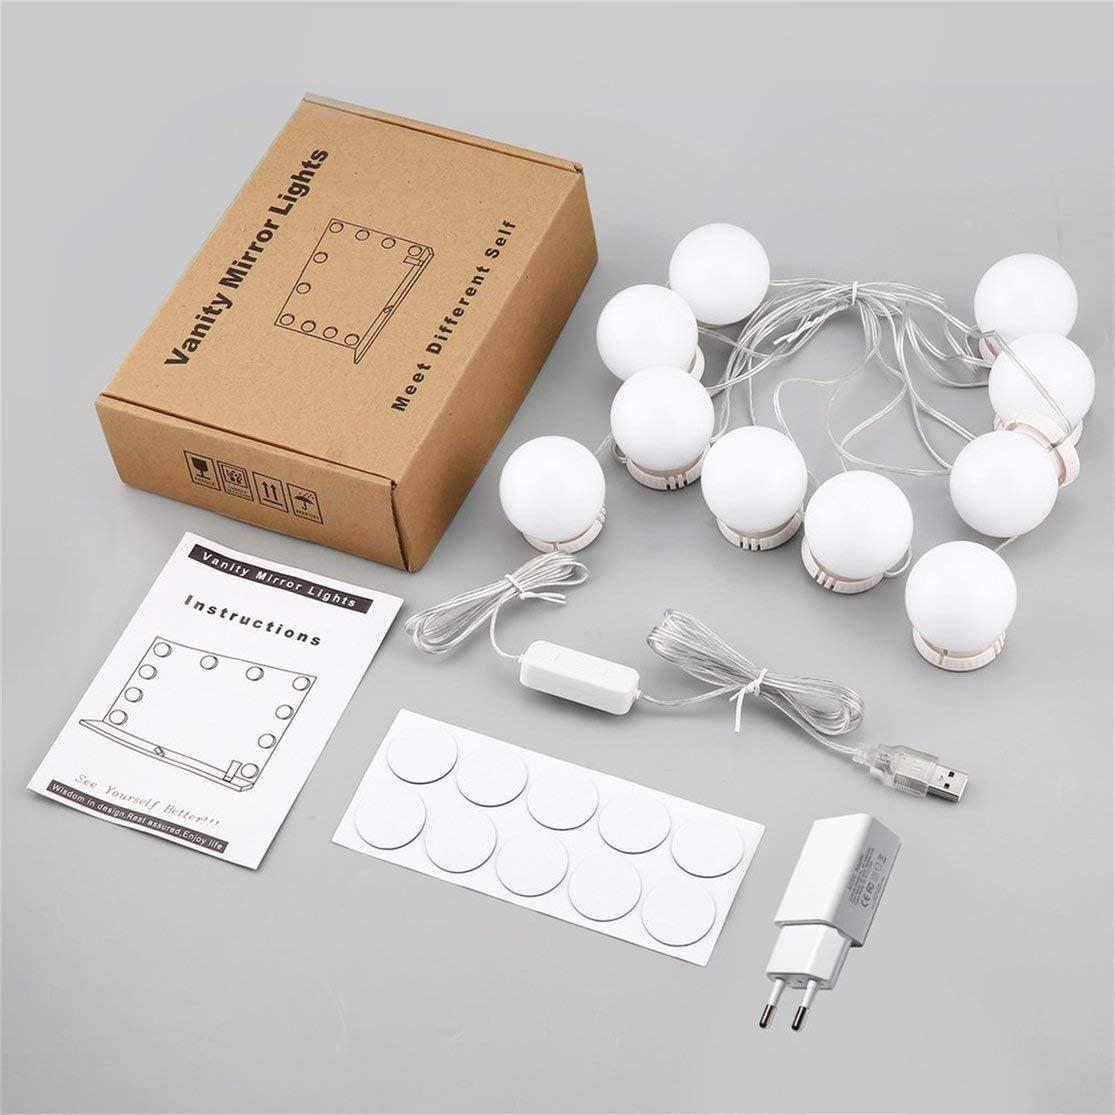 Candybarbar Espejo de Maquillaje Vanidad Bombillas LED Puerto de Carga USB Cosm/ético Iluminado Espejos de Maquillaje Bombilla con alimentaci/ón UL